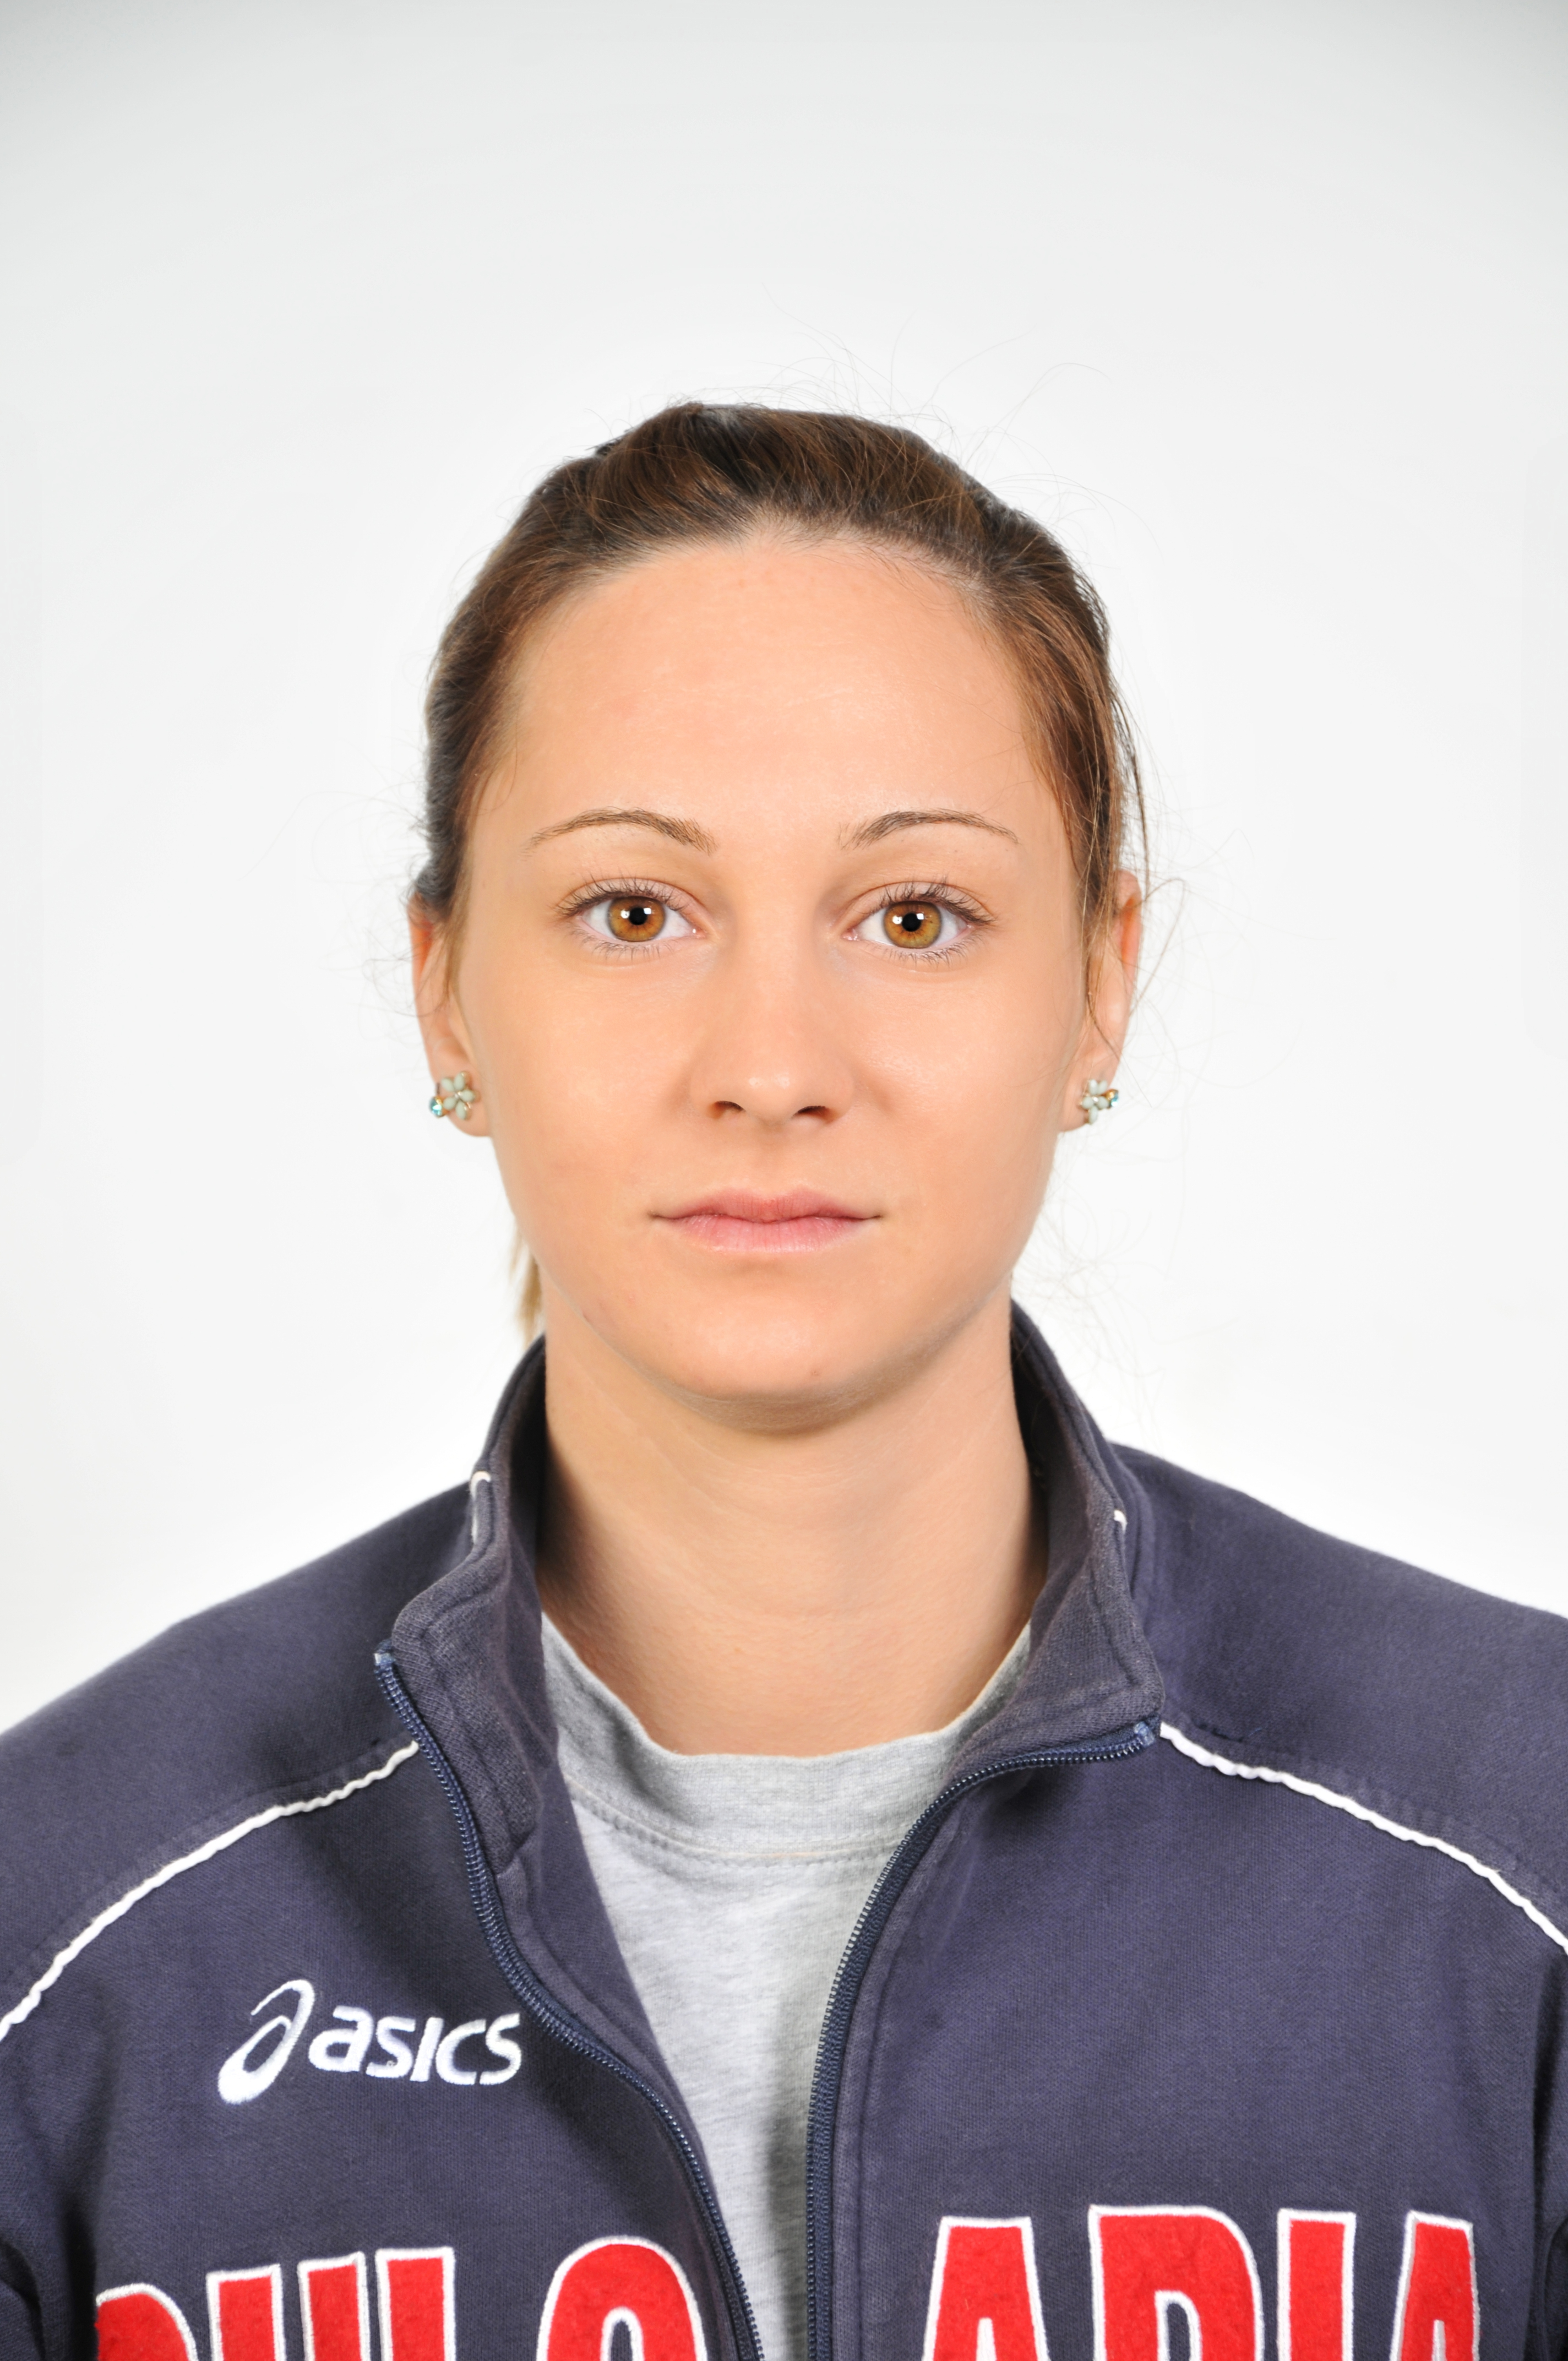 Desislava Nikolova